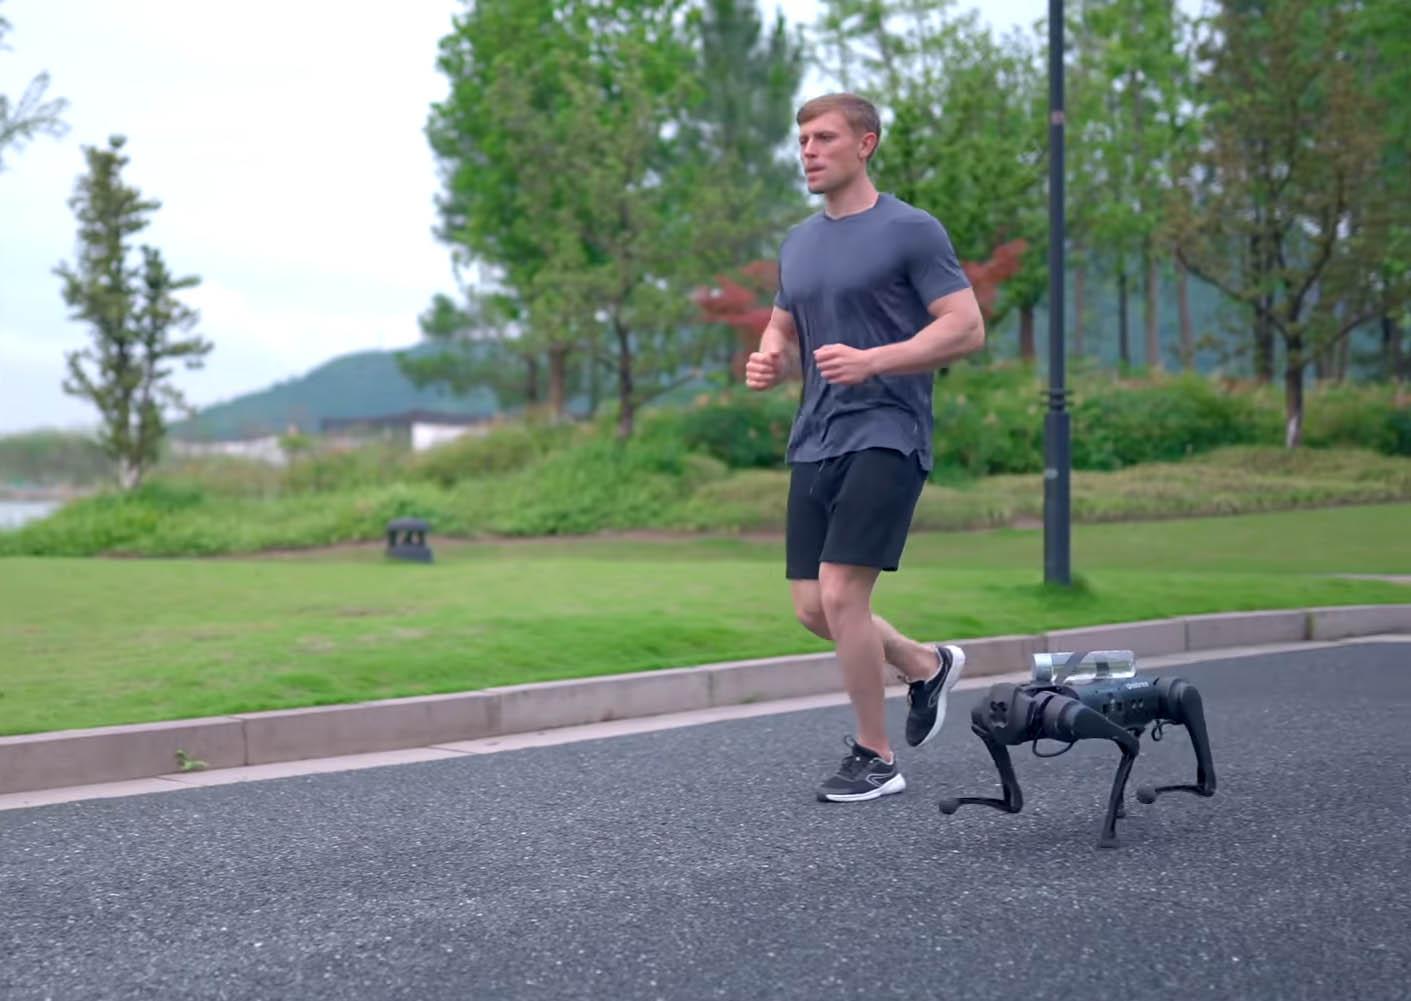 Создан четвероногий робот Unitree Go1 стоимостью от $2700, способный с